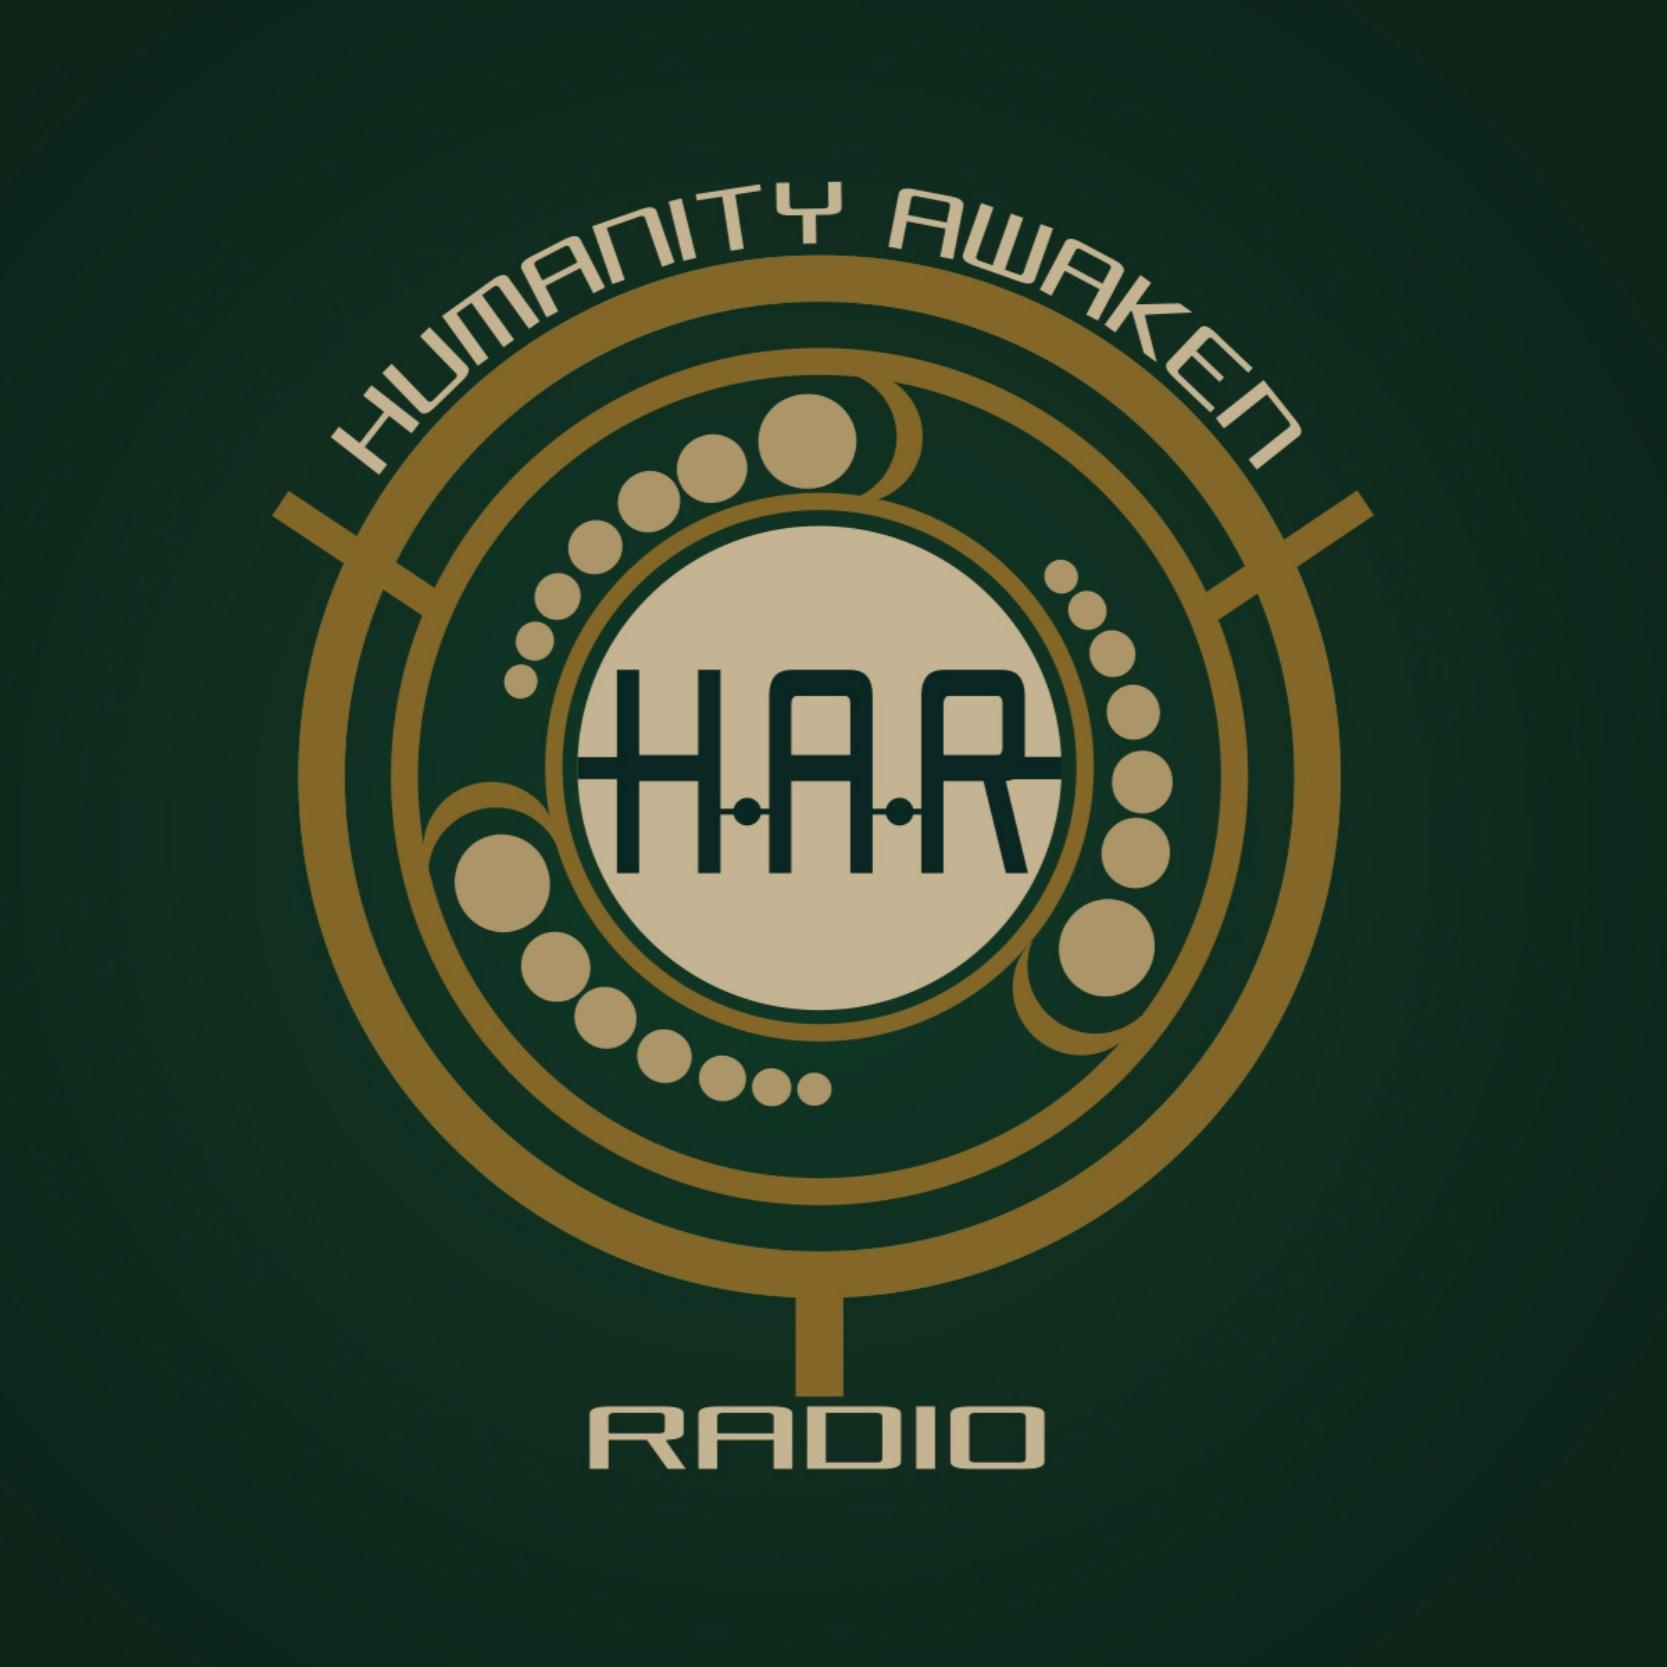 Humanity Awaken Radio